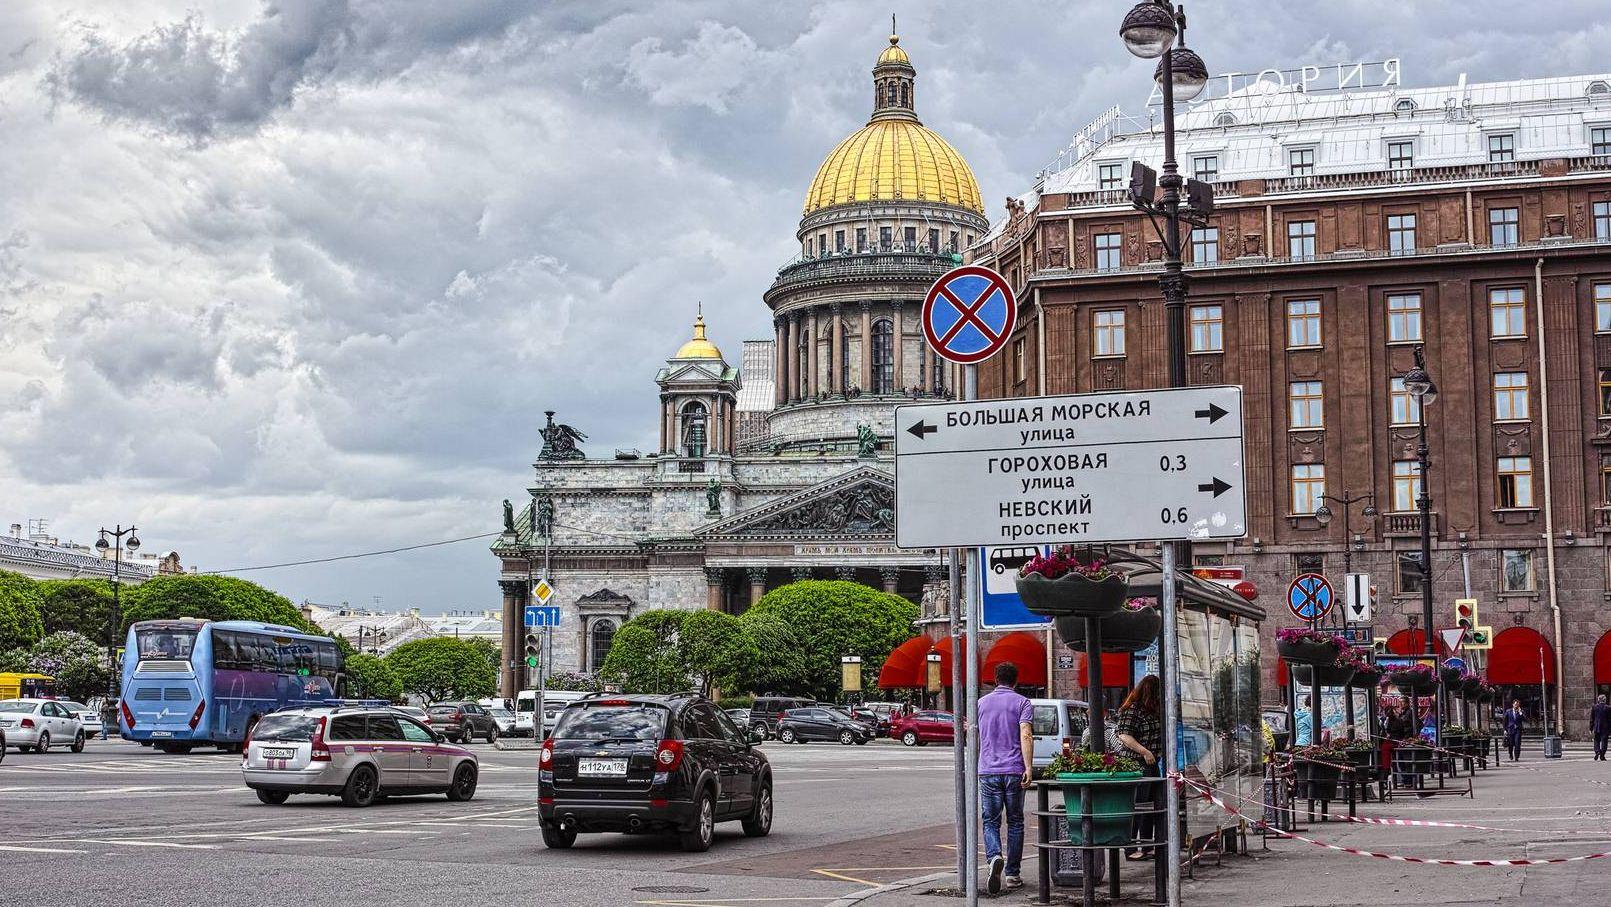 Исаакиевский собор. Санкт-Петербург. 06.2015